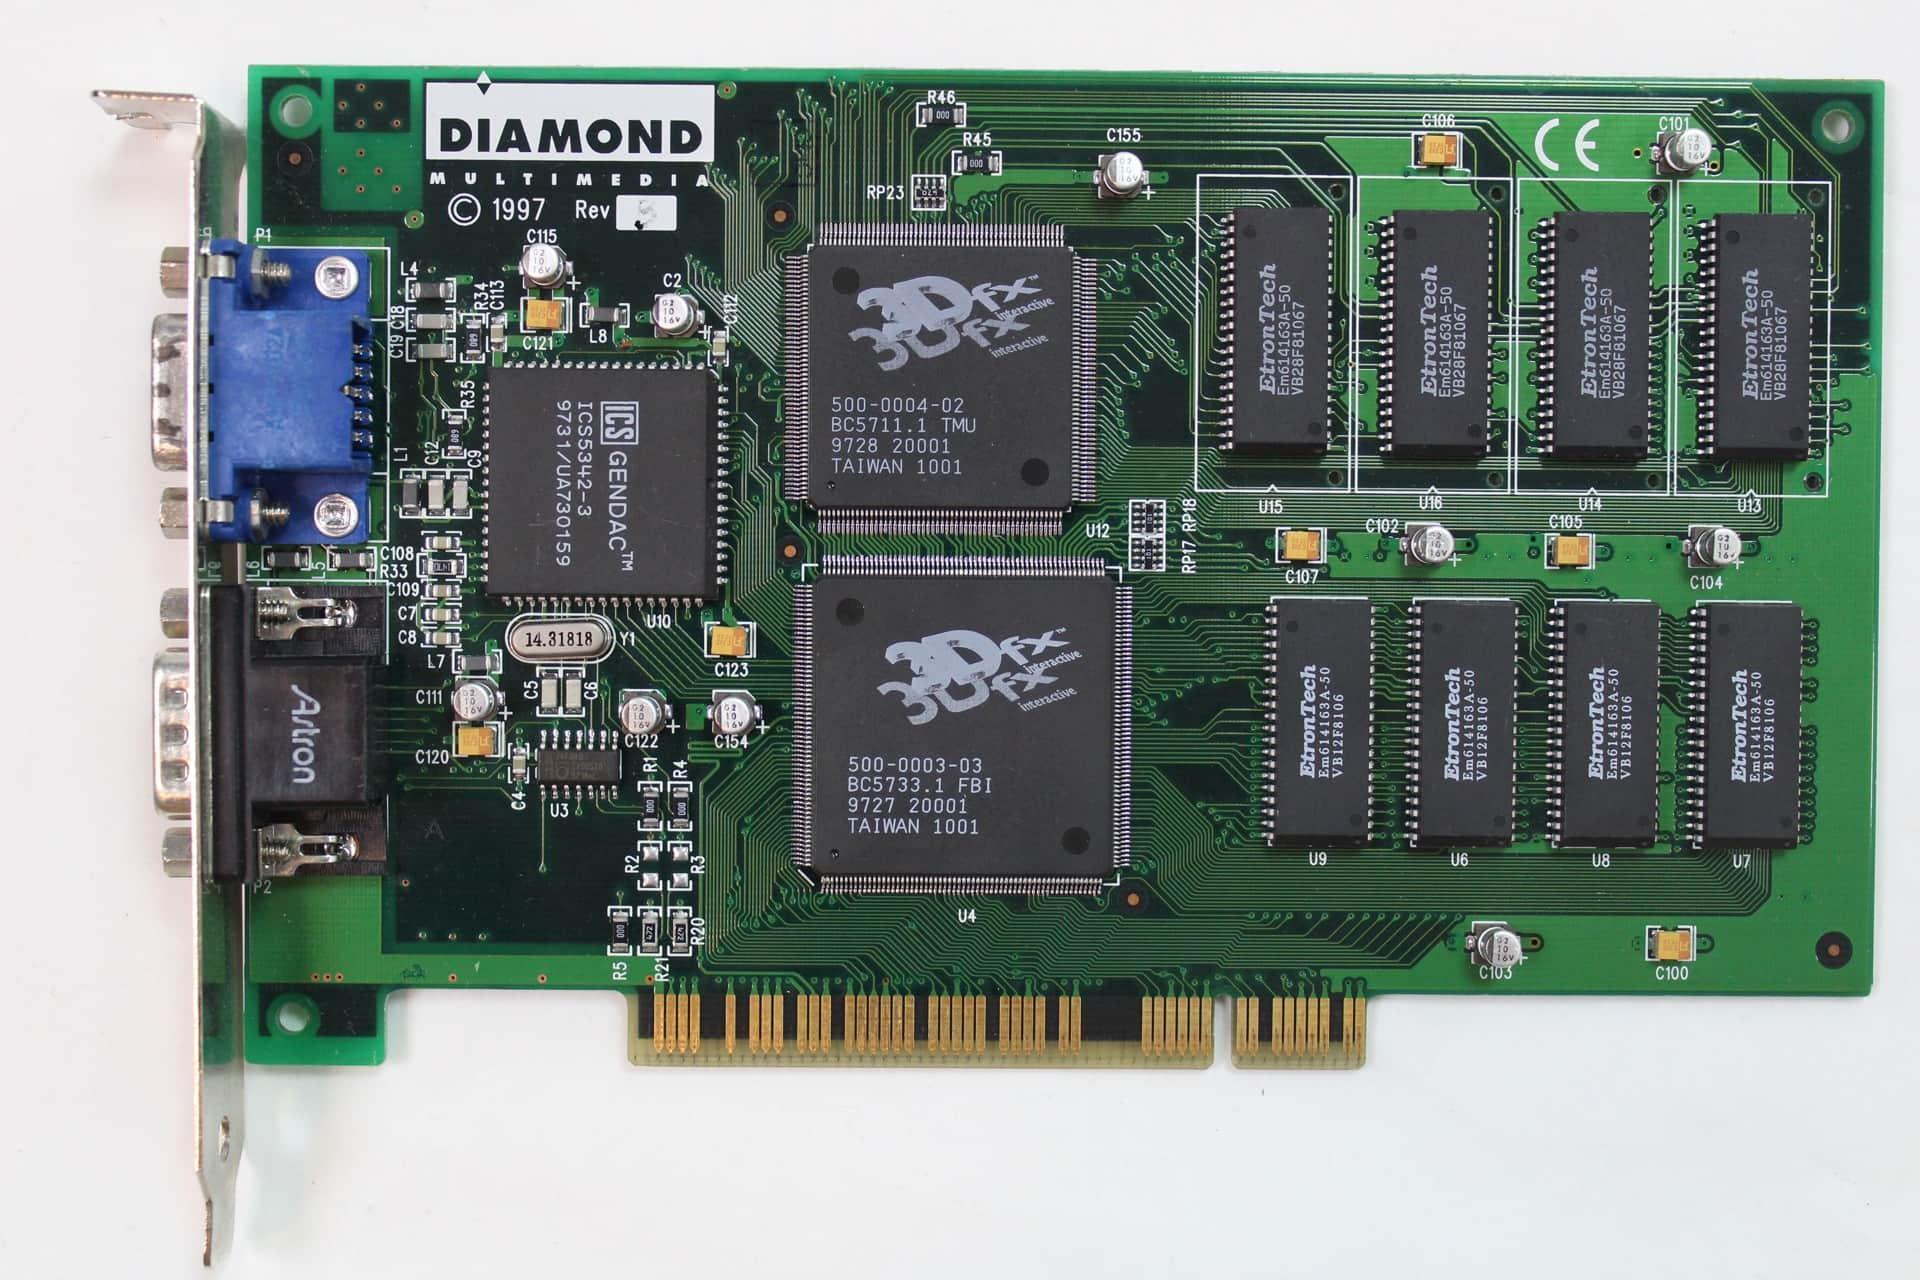 Daimond-Monster-3D